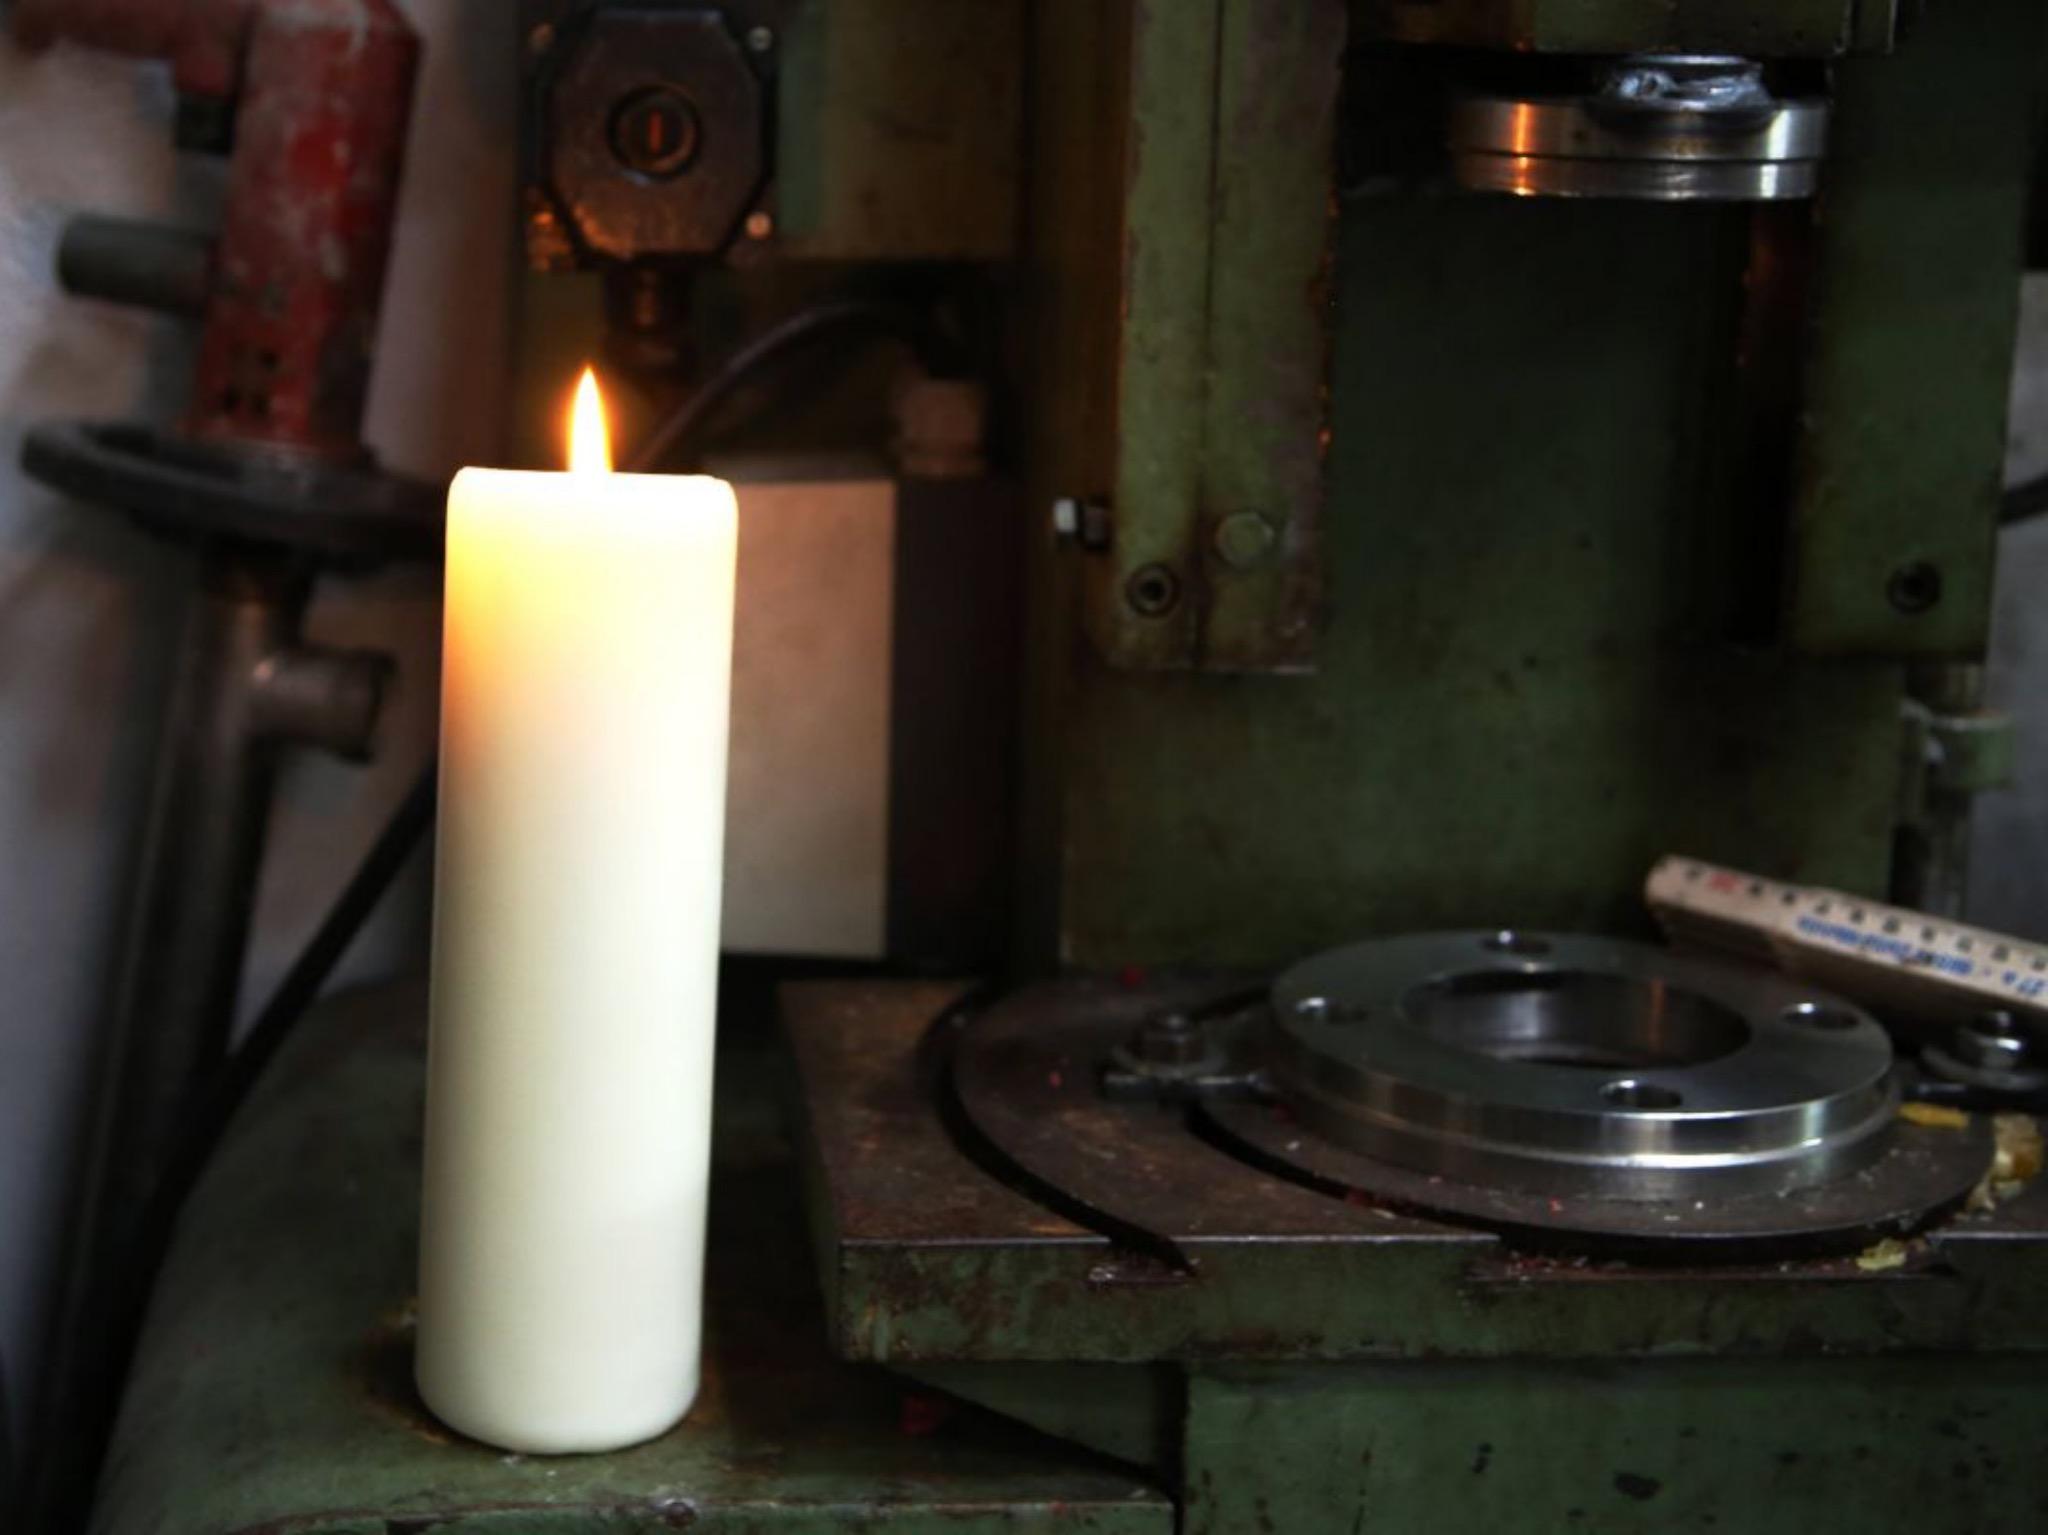 Das Probebrennen führt Schenk an verschiedenen Orten in der Fabrik durch, damit er sieht, wie die Kerzen bei den unterschiedlichen äußeren Umständen reagieren. Foto: Magdalena Rössert (POW)